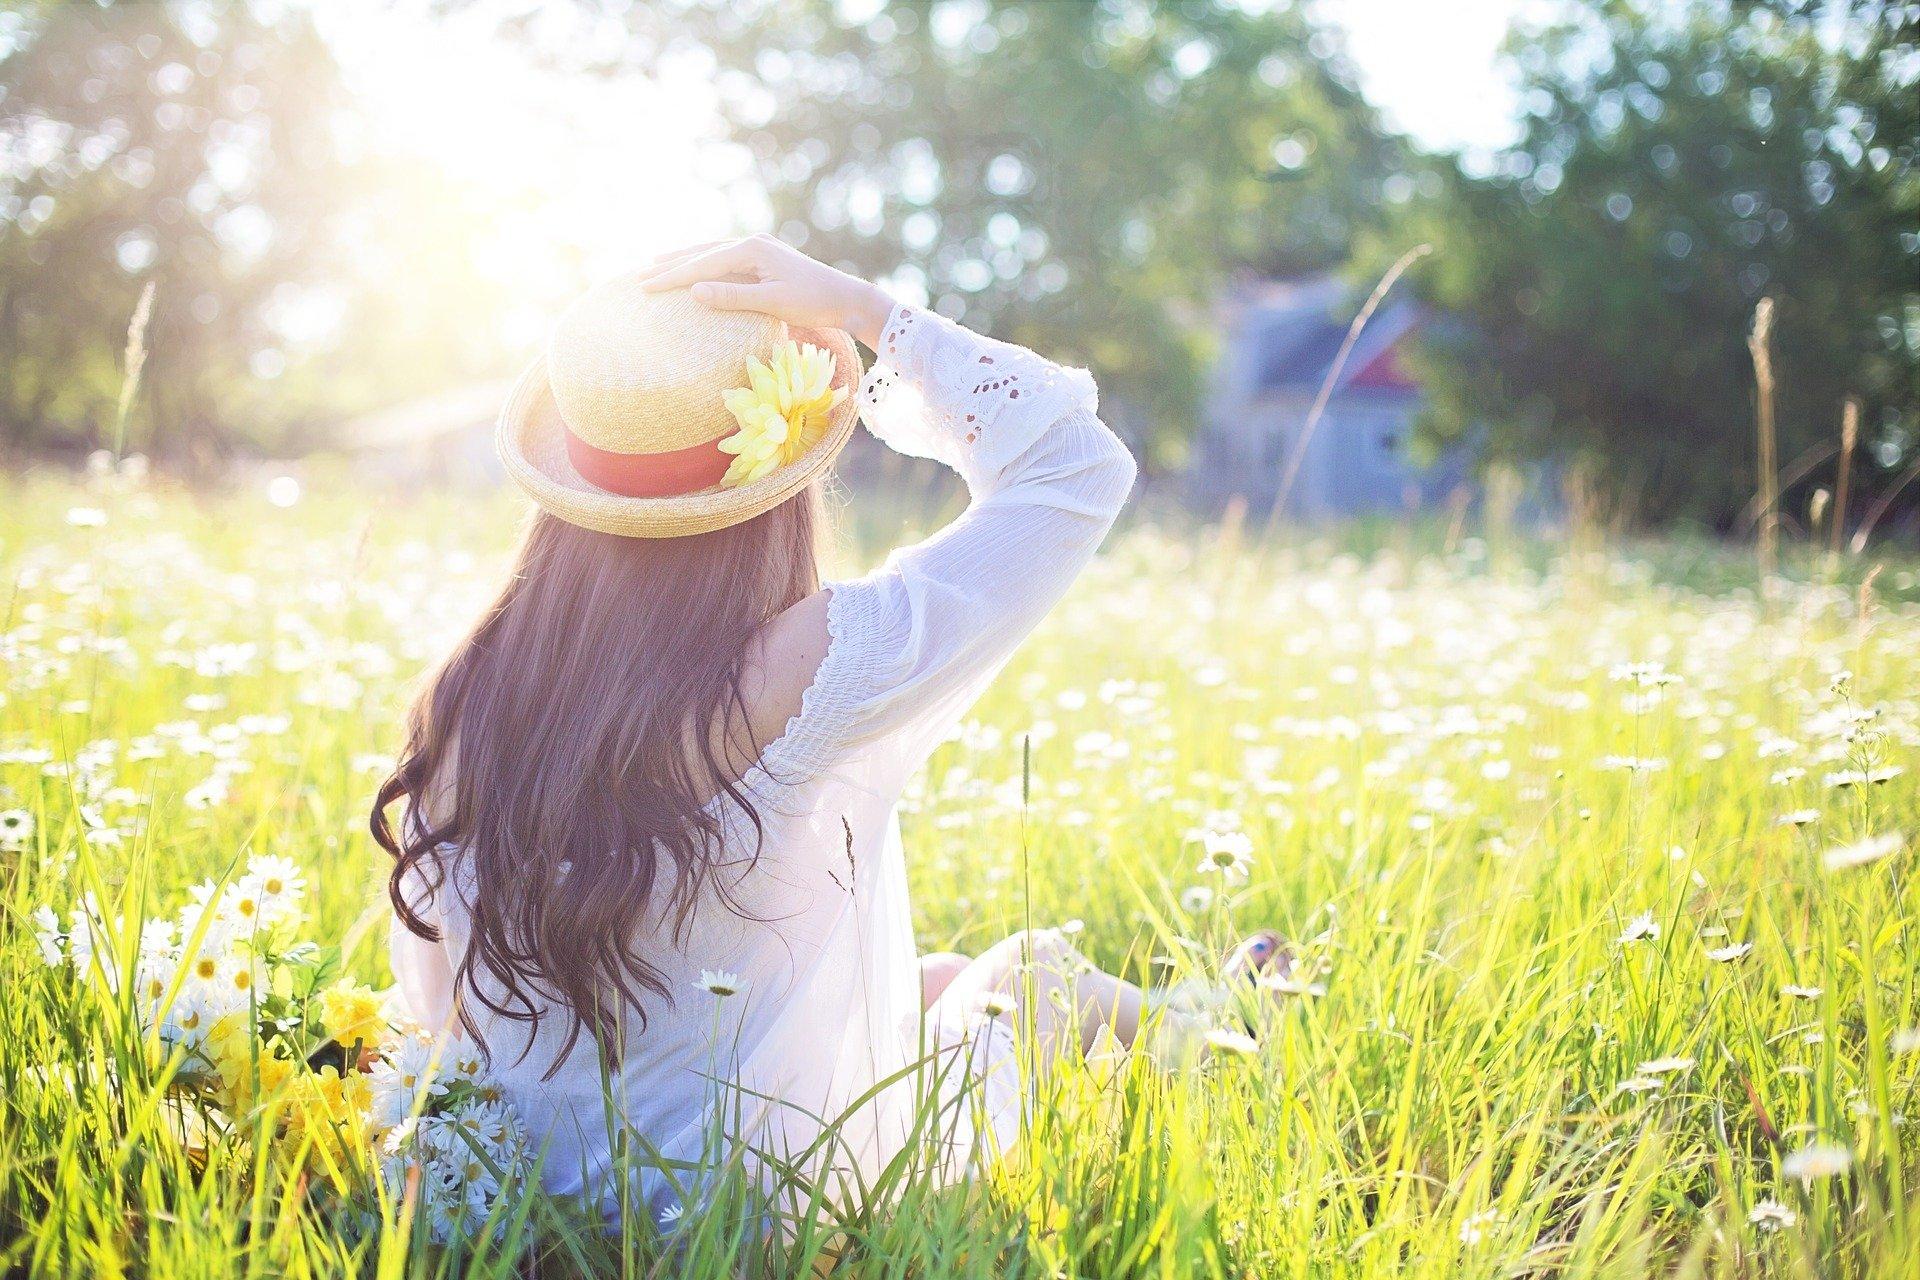 Skorzystaj z tych rad, a zapomnisz o wiosennym przesileniu! - Zdjęcie główne